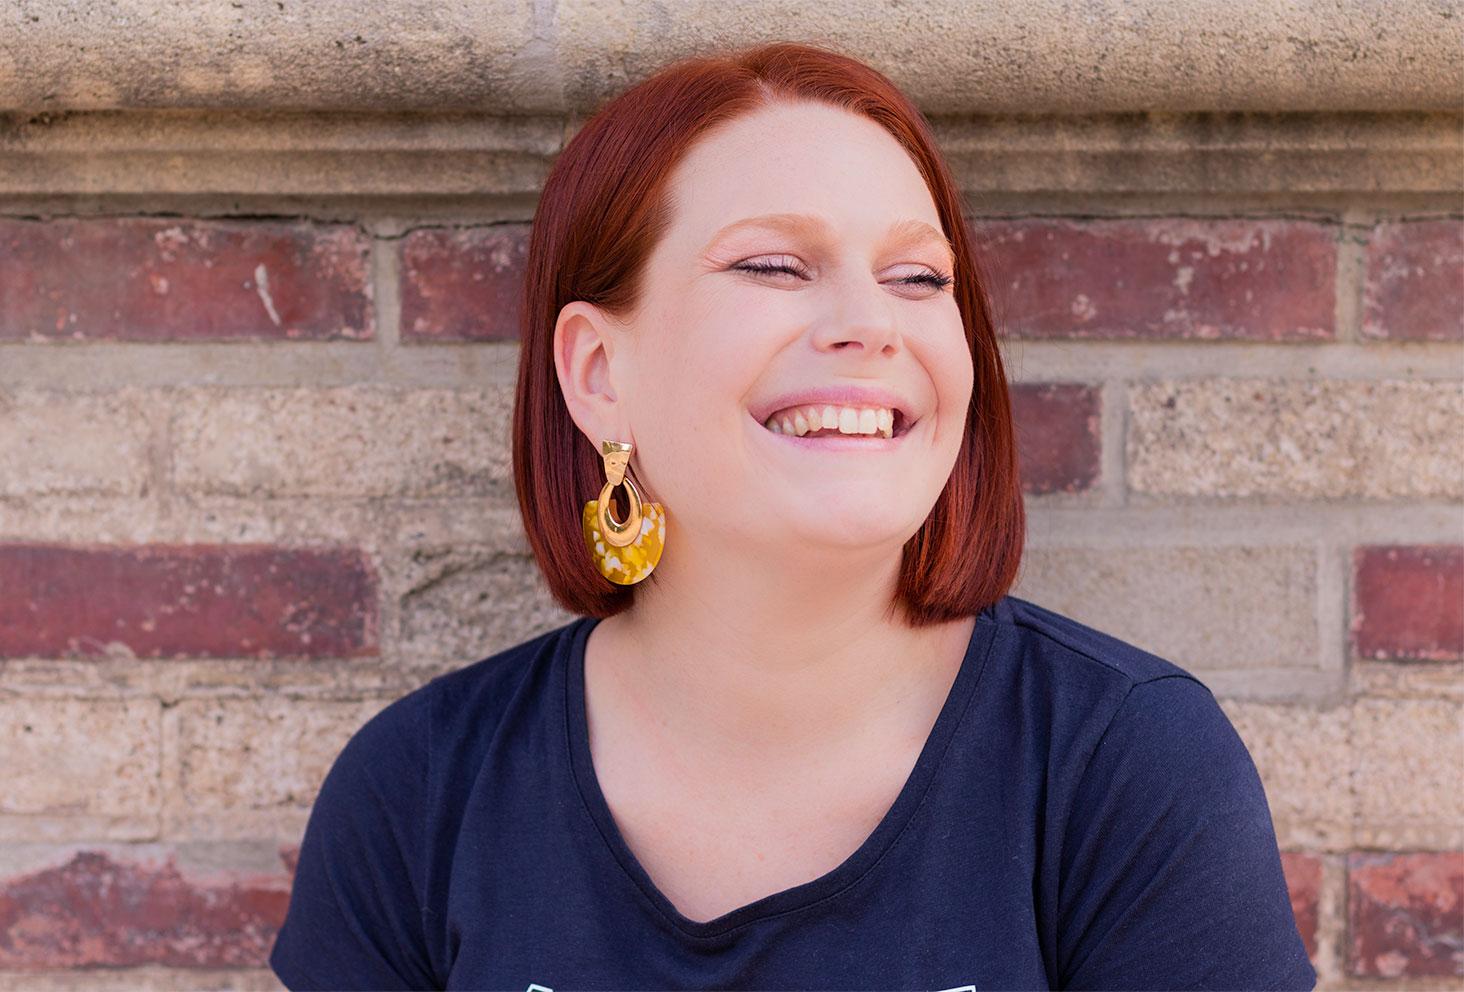 Zoom sur les boucles d'oreilles imposantes jaunes et dorées Springfield portées avec le sourire, les cheveux derrière l'oreille, en t-shirt bleu